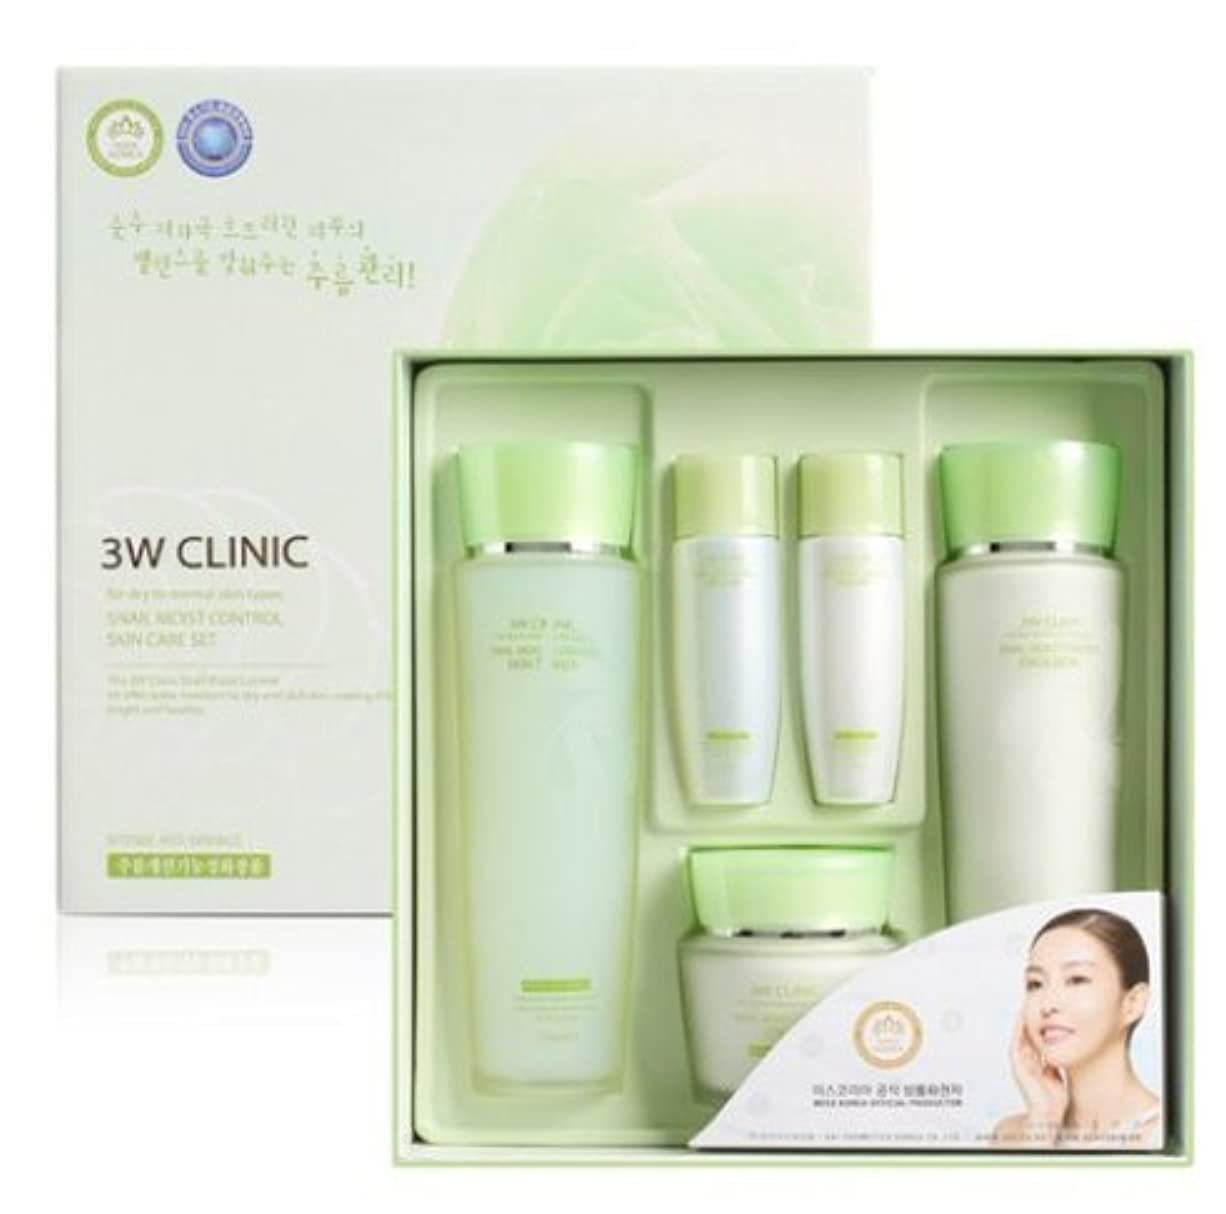 リスト瞑想する特権的3Wクリニック[韓国コスメ3w Clinic]Snail Moist Control Skin Care Set カタツムリモイストコントロールスキンケア3セット樹液,乳液,クリーム [並行輸入品]